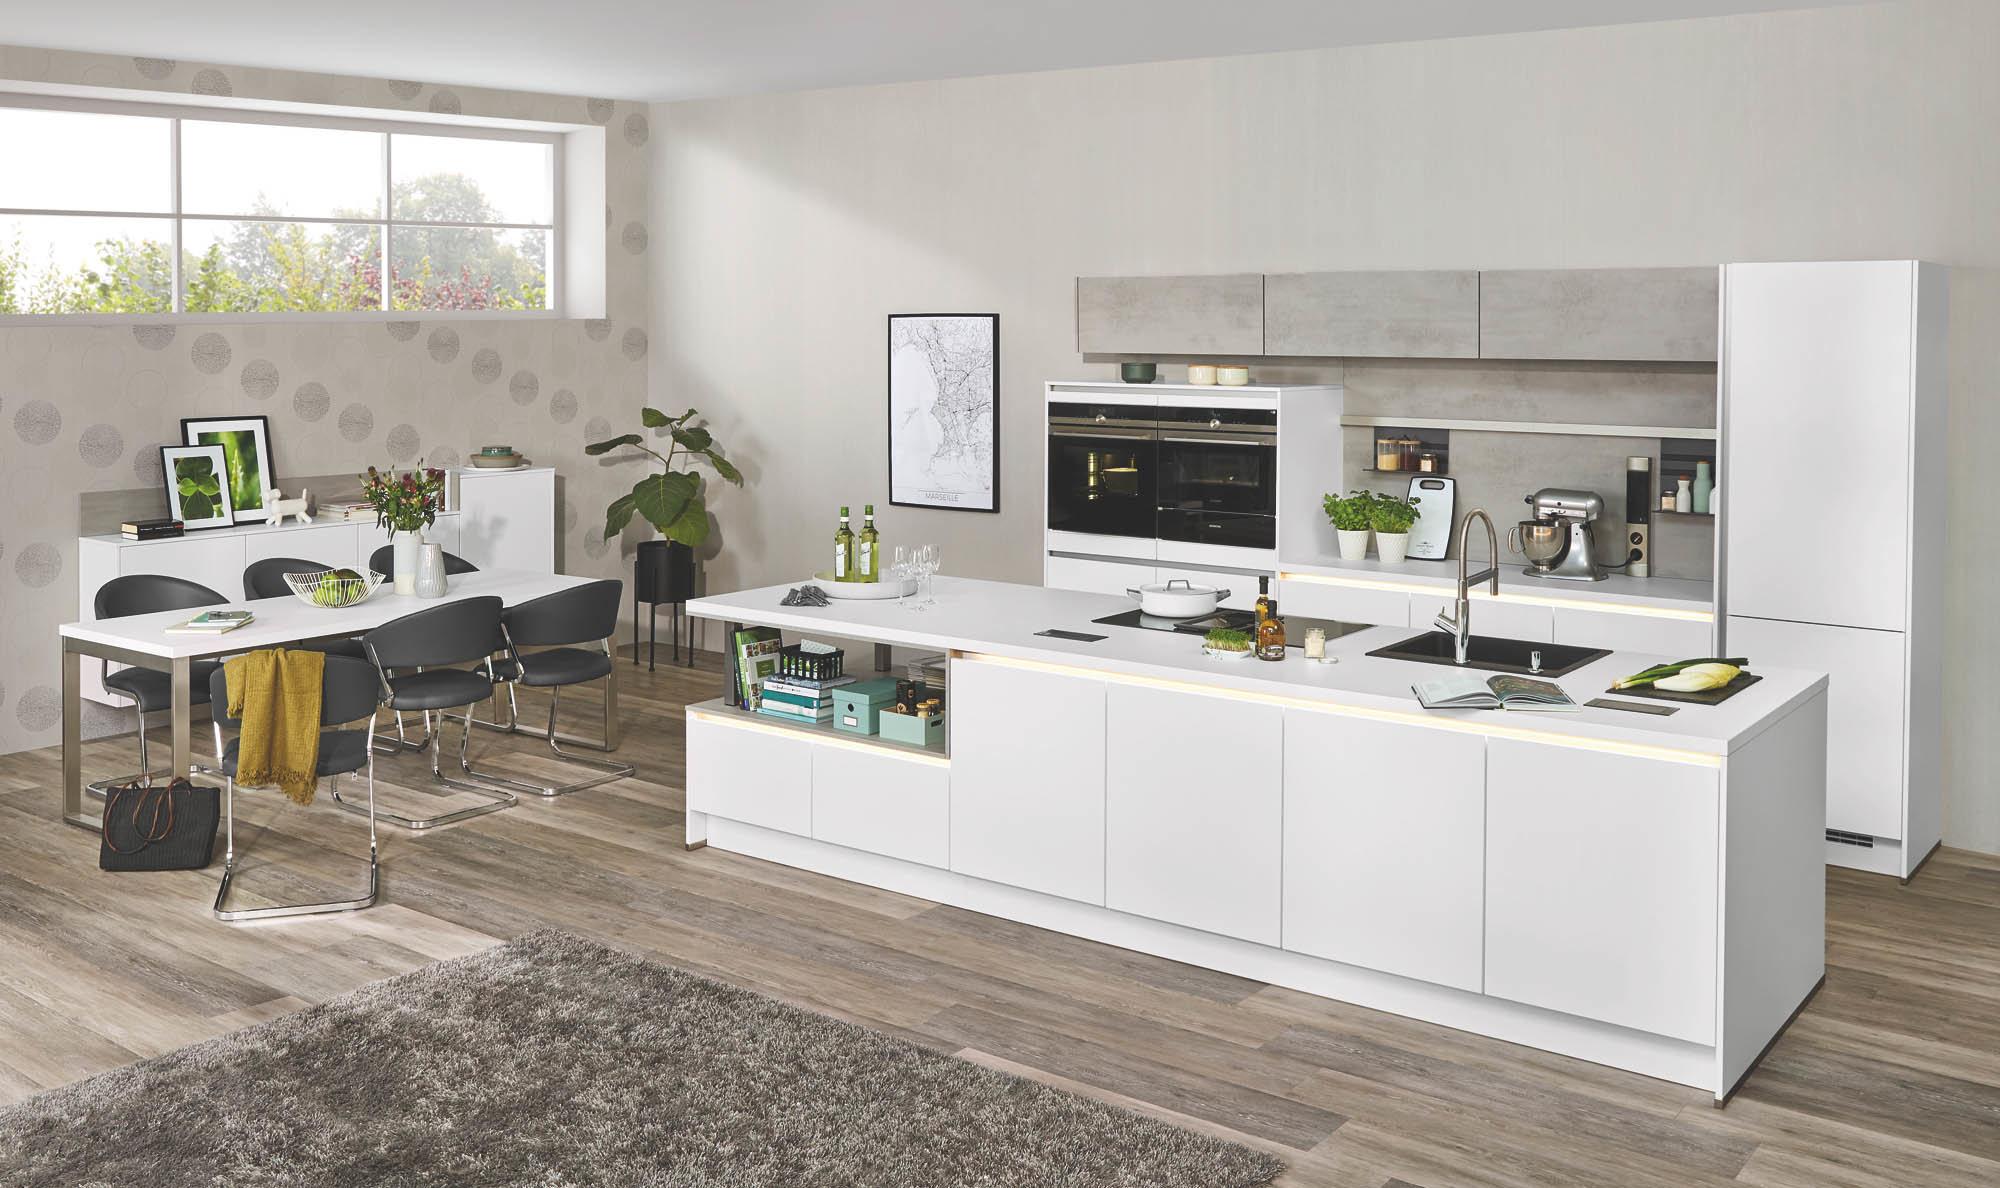 Full Size of Küche U Form Dachschräge Küche U Form Weiß Hochglanz Küche U Form Landhaus Küche U Form Modern Küche Küche U Form